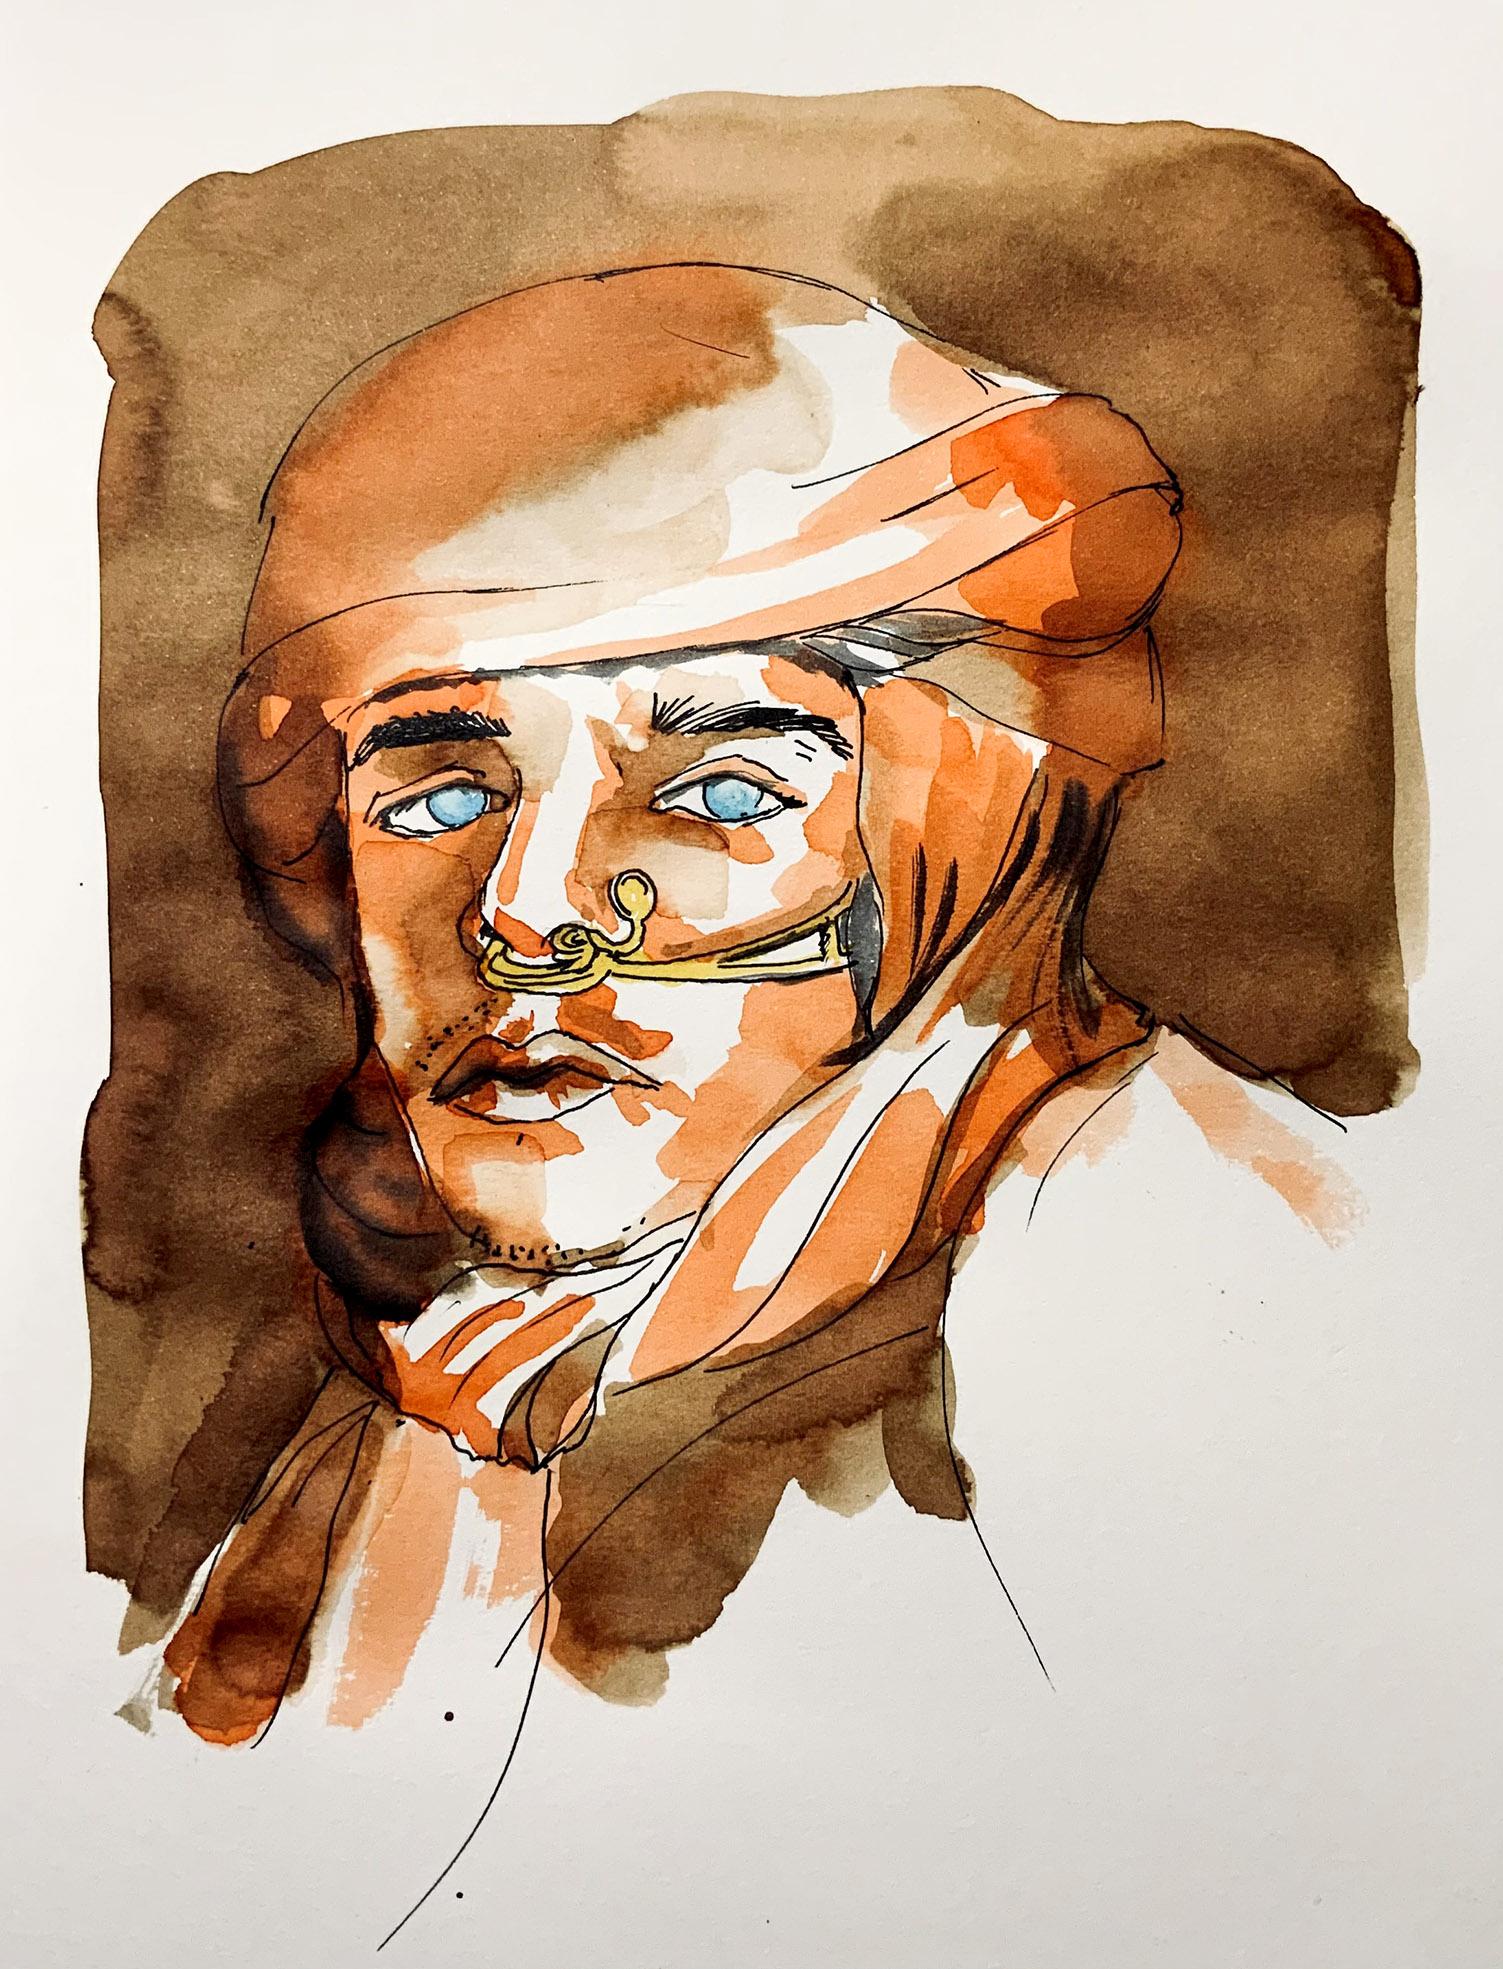 Dessin rapide à l'encre au stylo-Jeandor en personnage de Dune  avec Dylan Sara